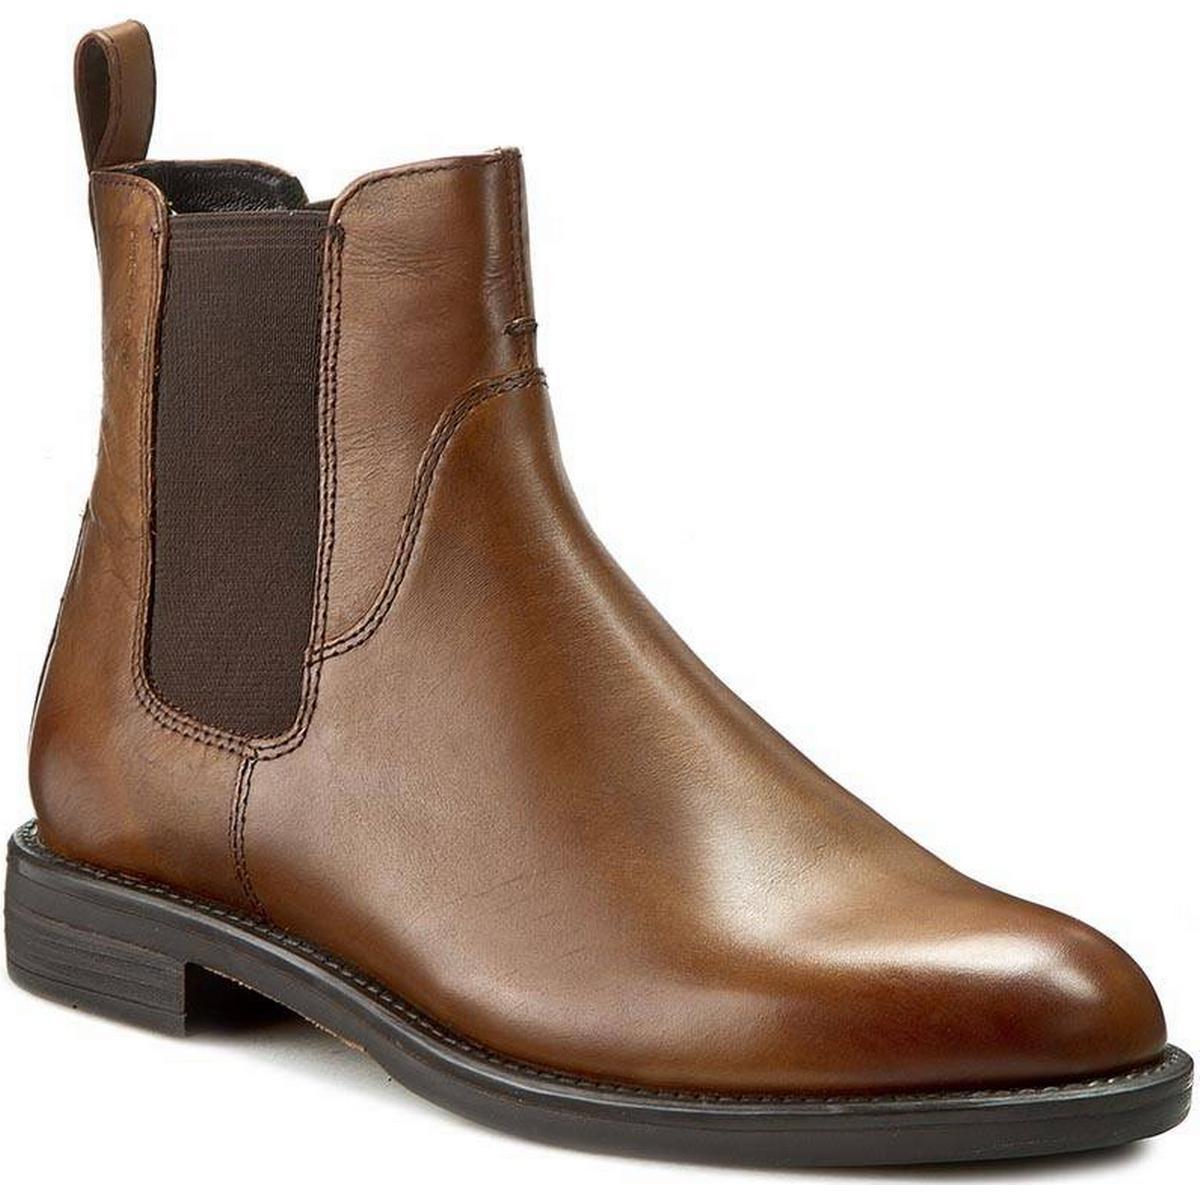 4c1796eefc3 Vagabond Chelsea støvler (69 modeller) hos PriceRunner • Se priser nu »